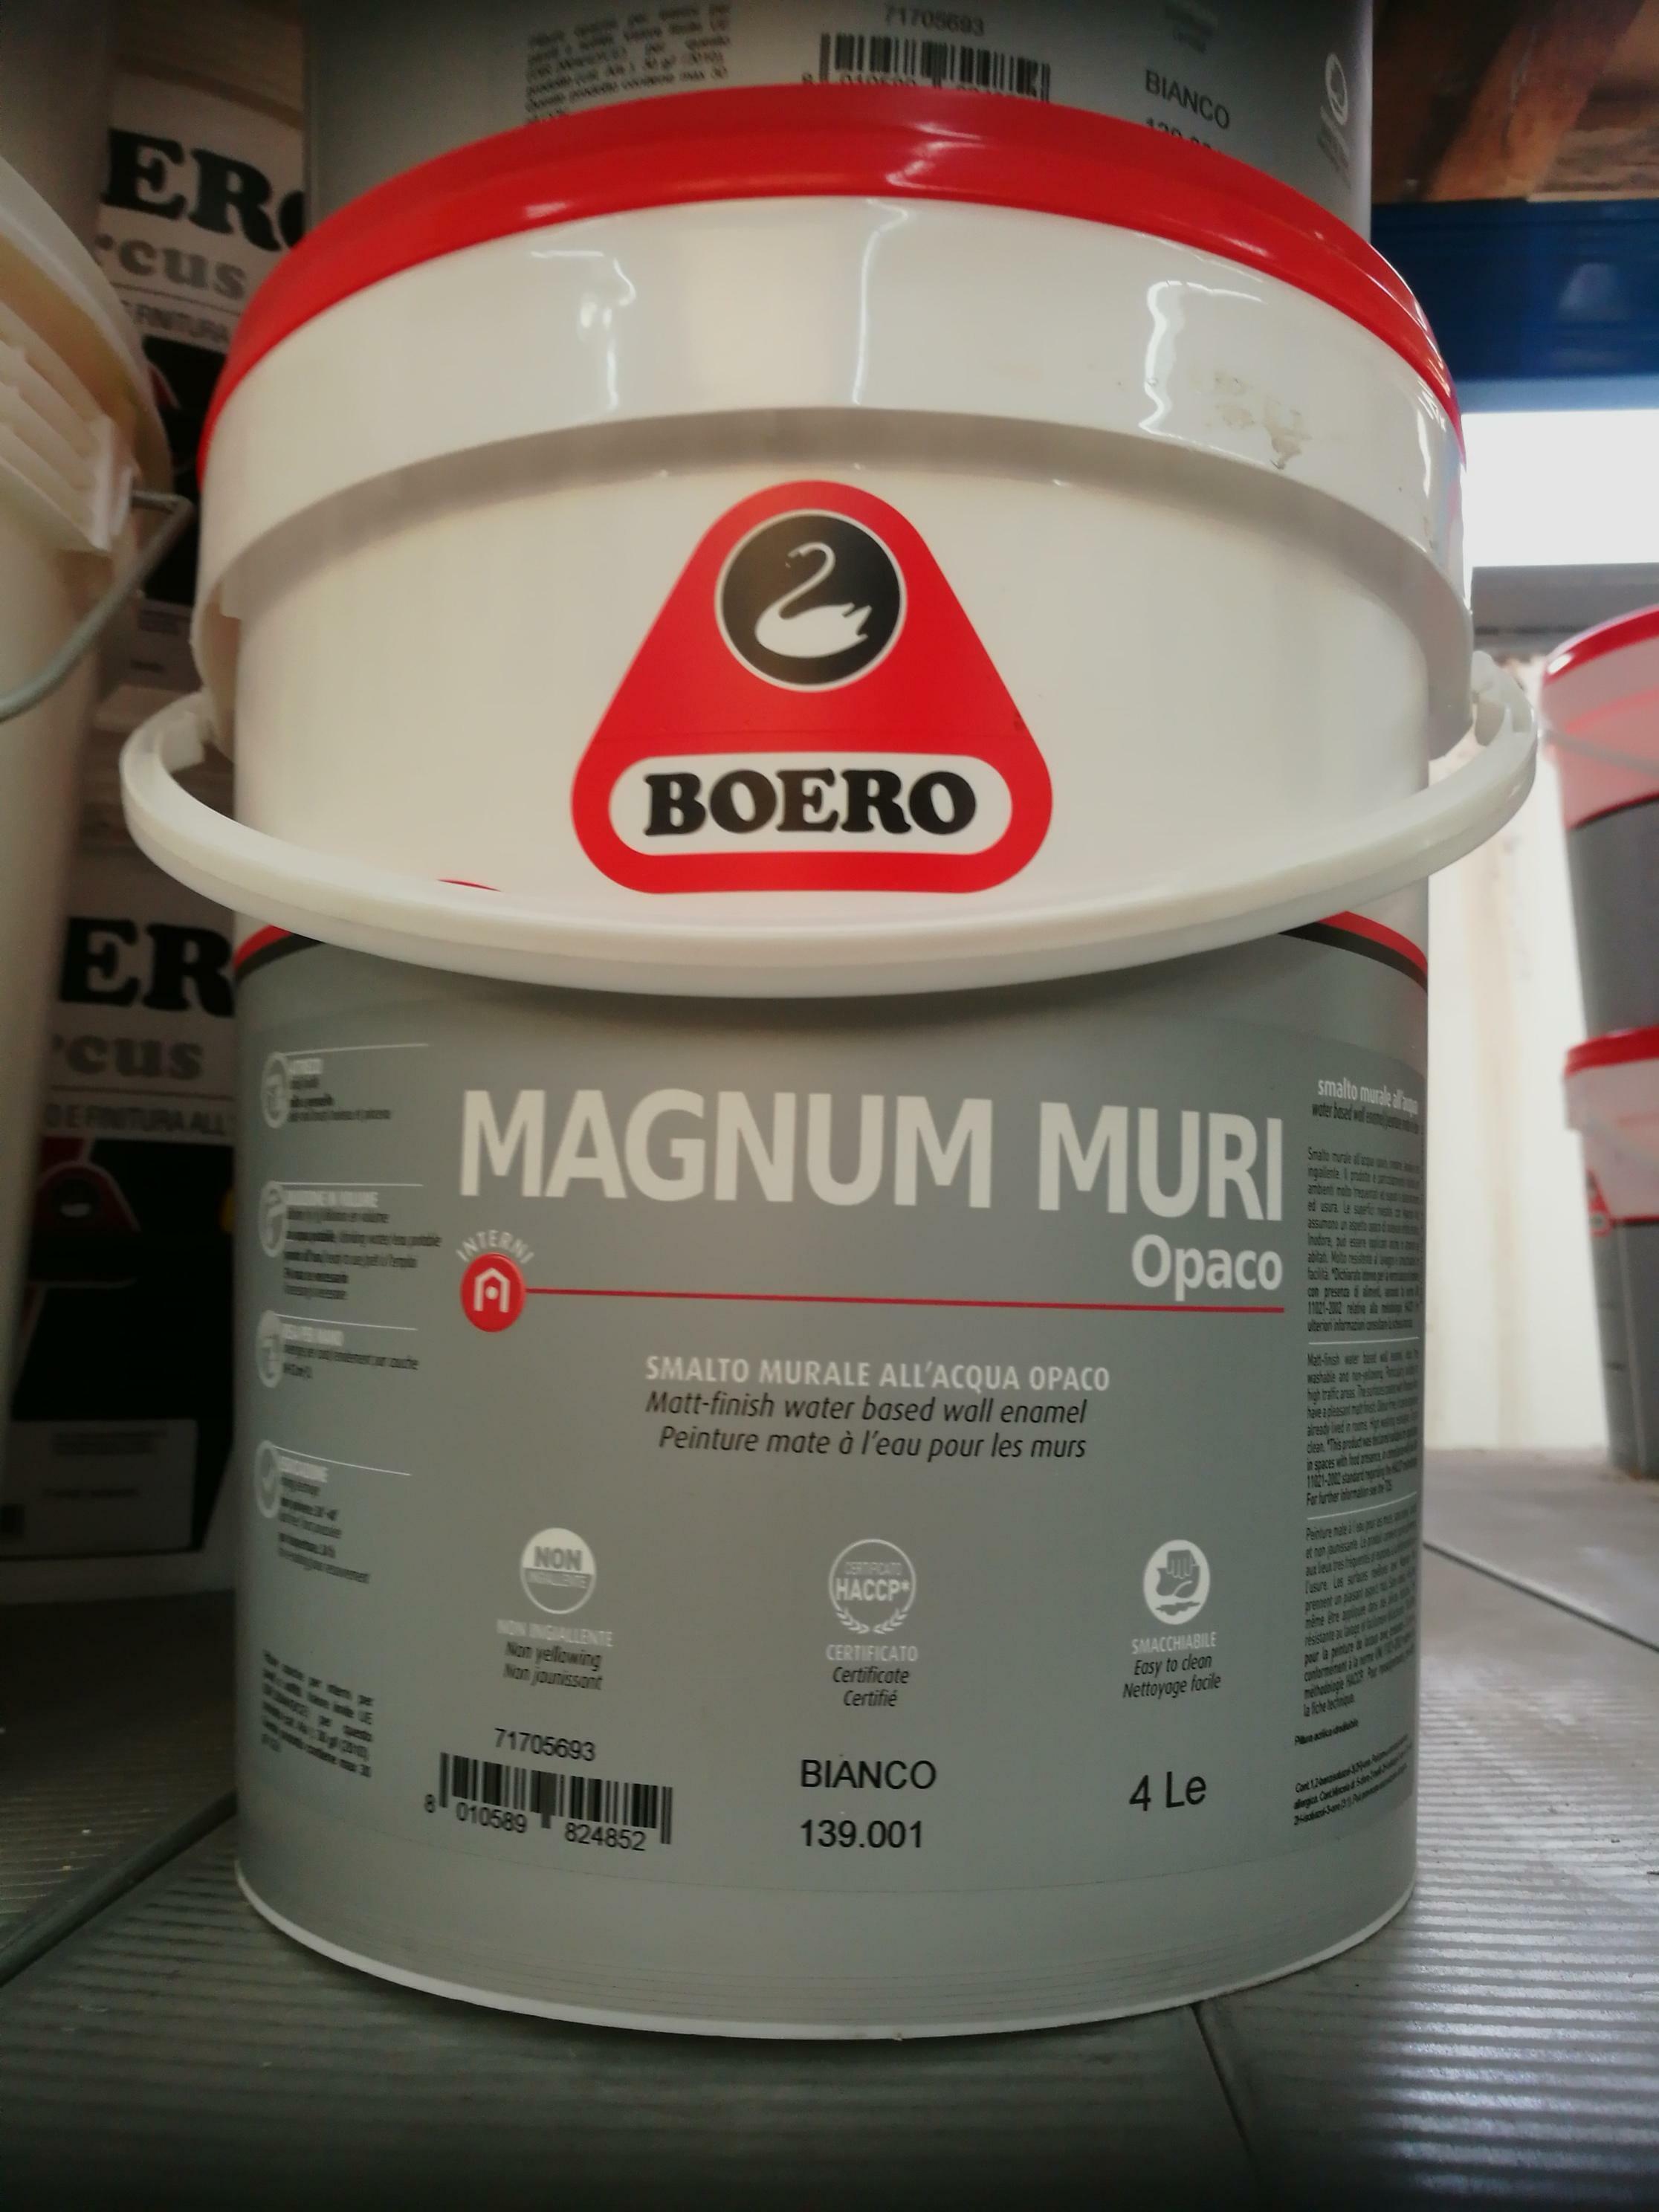 boero boero magnum per muri opaco bianco 10 litri smalto opaco per muri all'acqua idoneo per ambienti con metodologia haccp